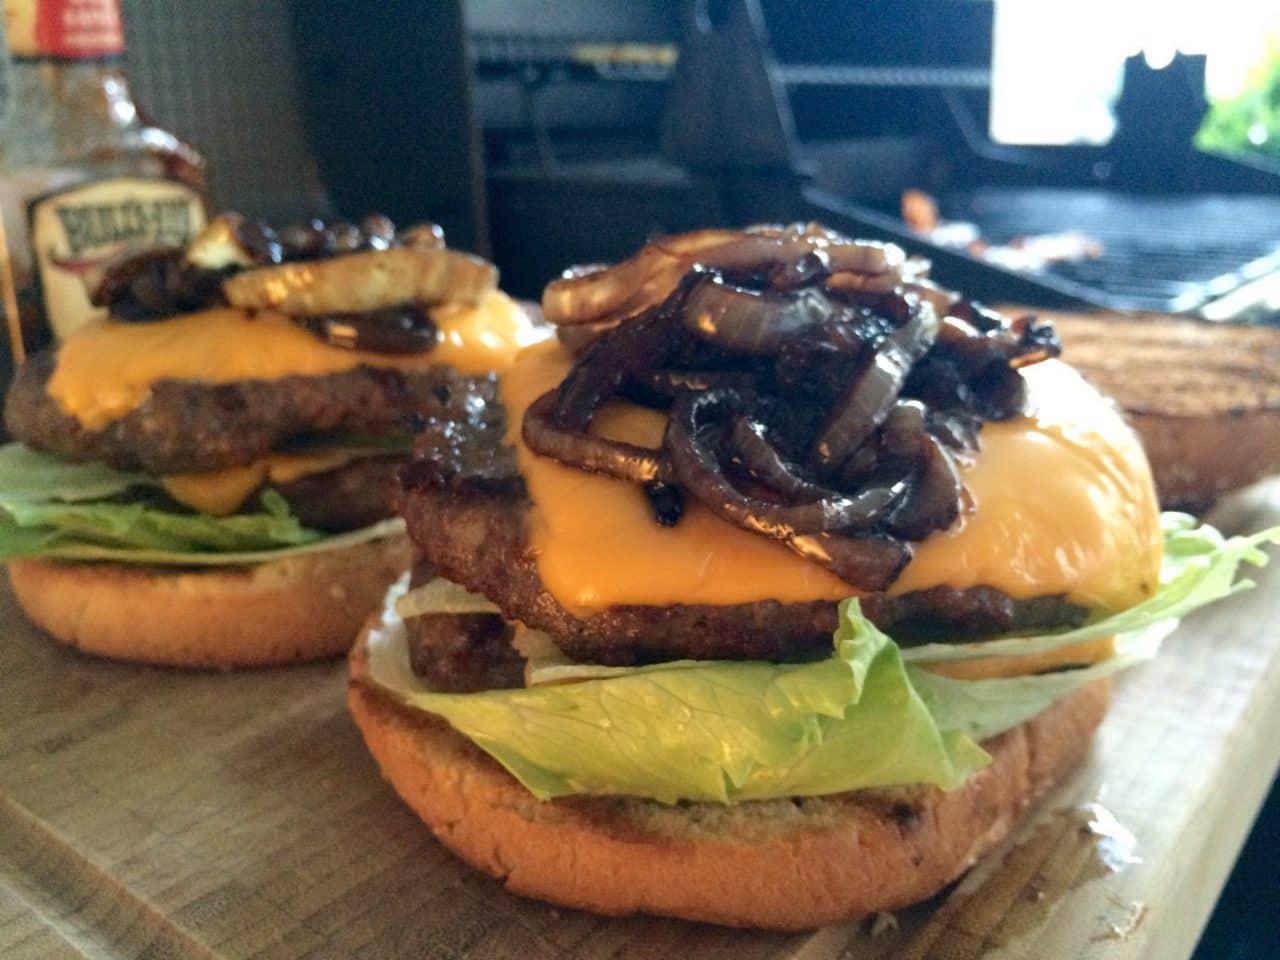 ... burger balkan burger best burger sauce lamb burger big kahuna burger